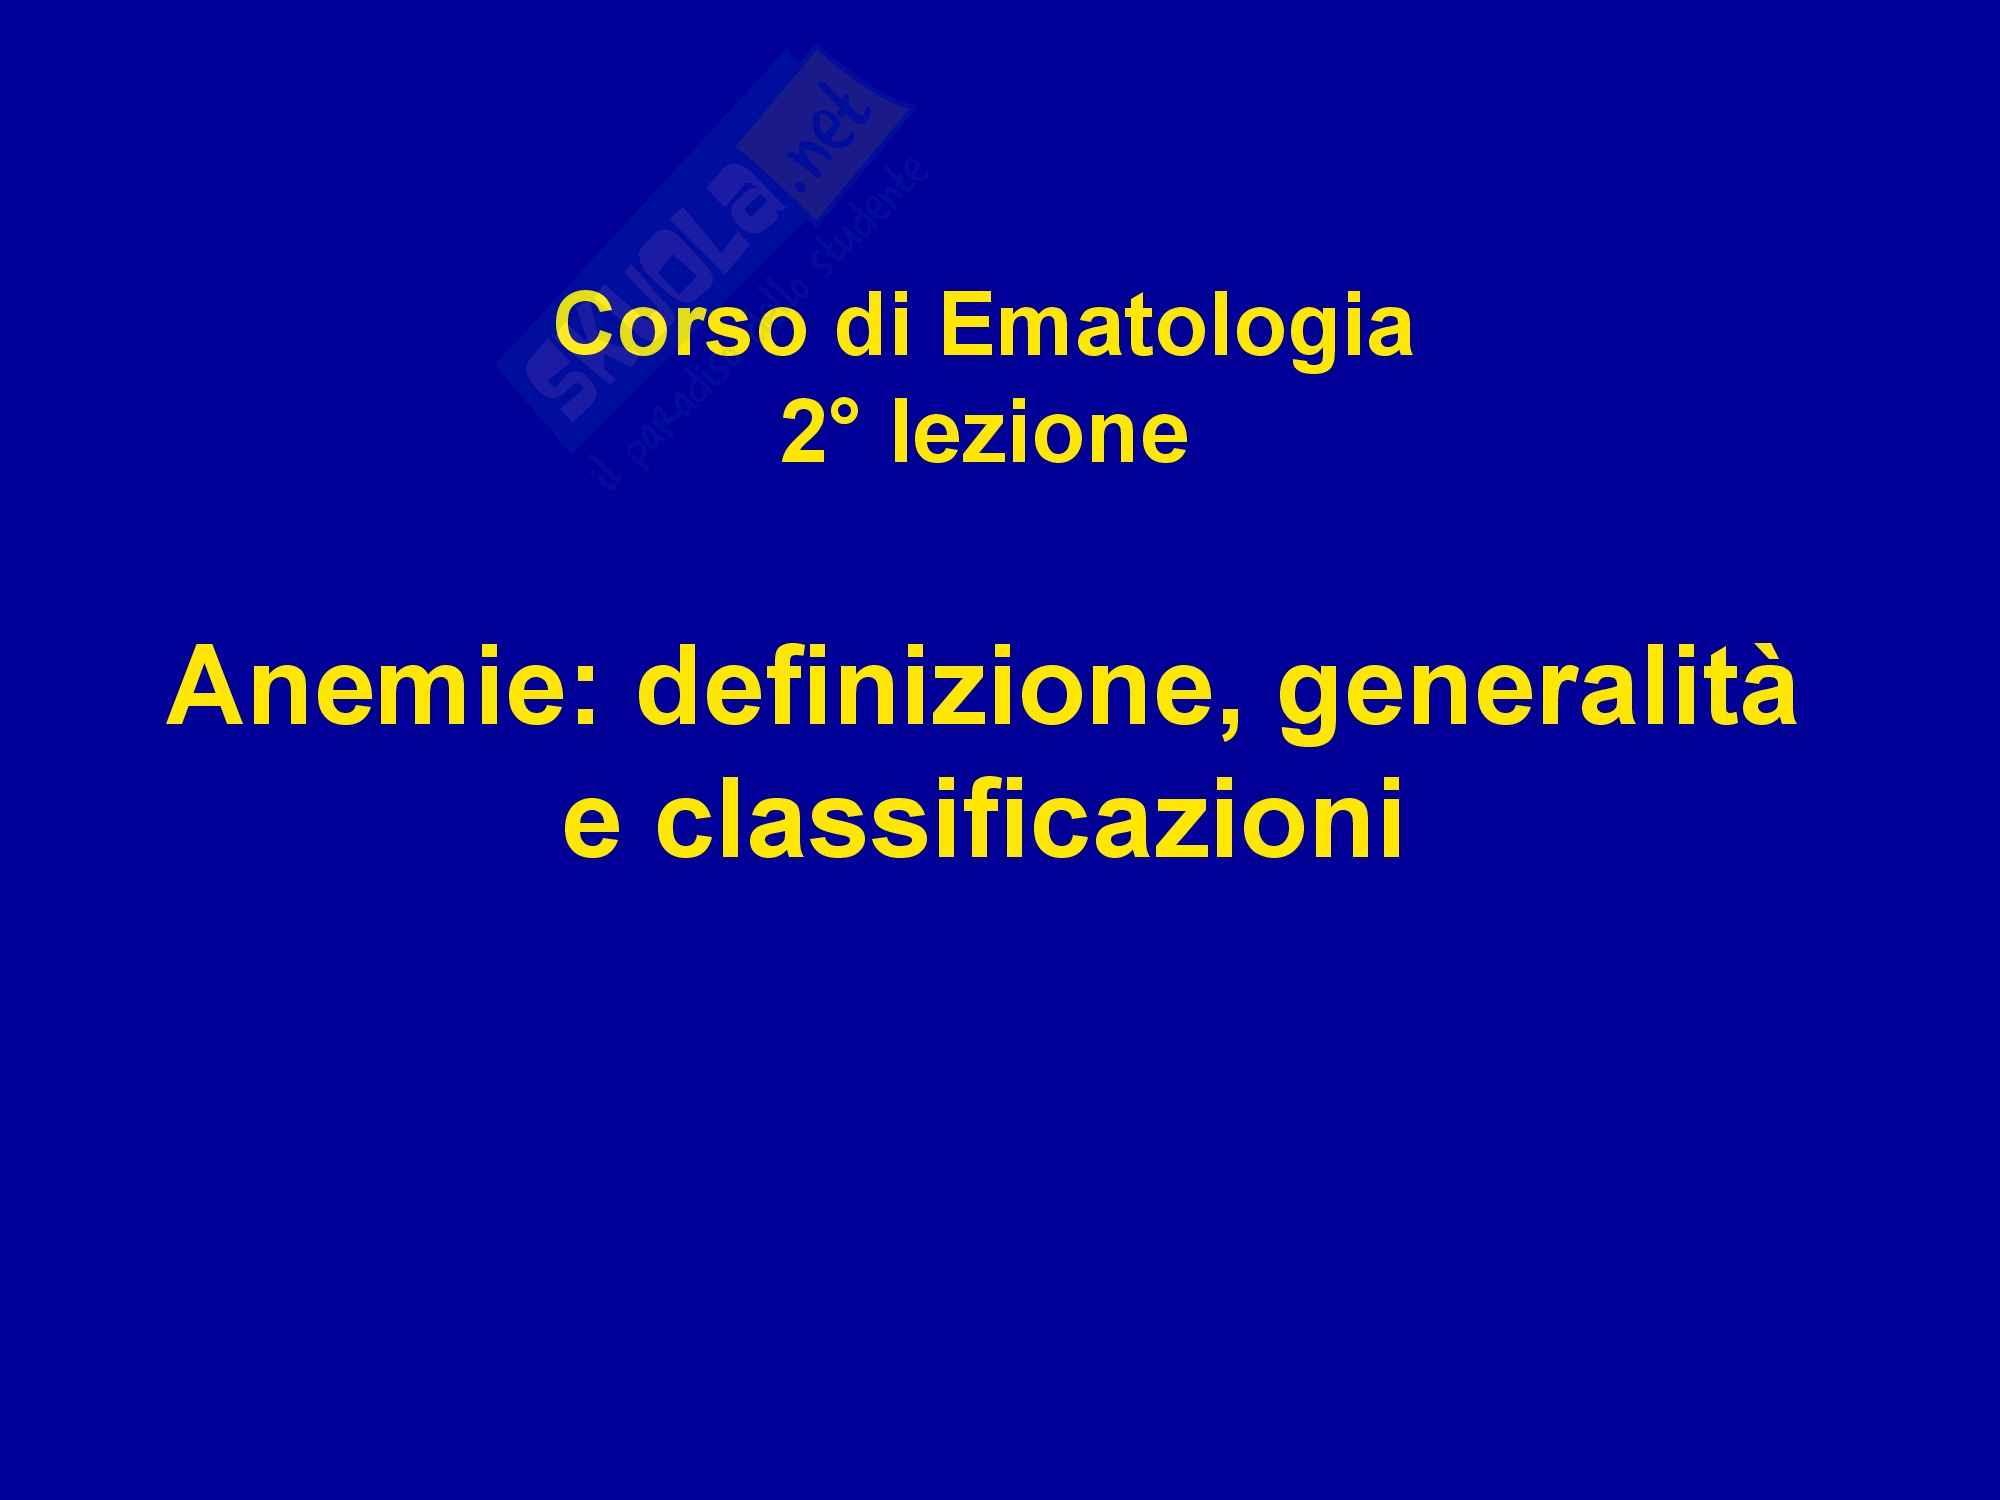 Anemia - Definizione e classificazione